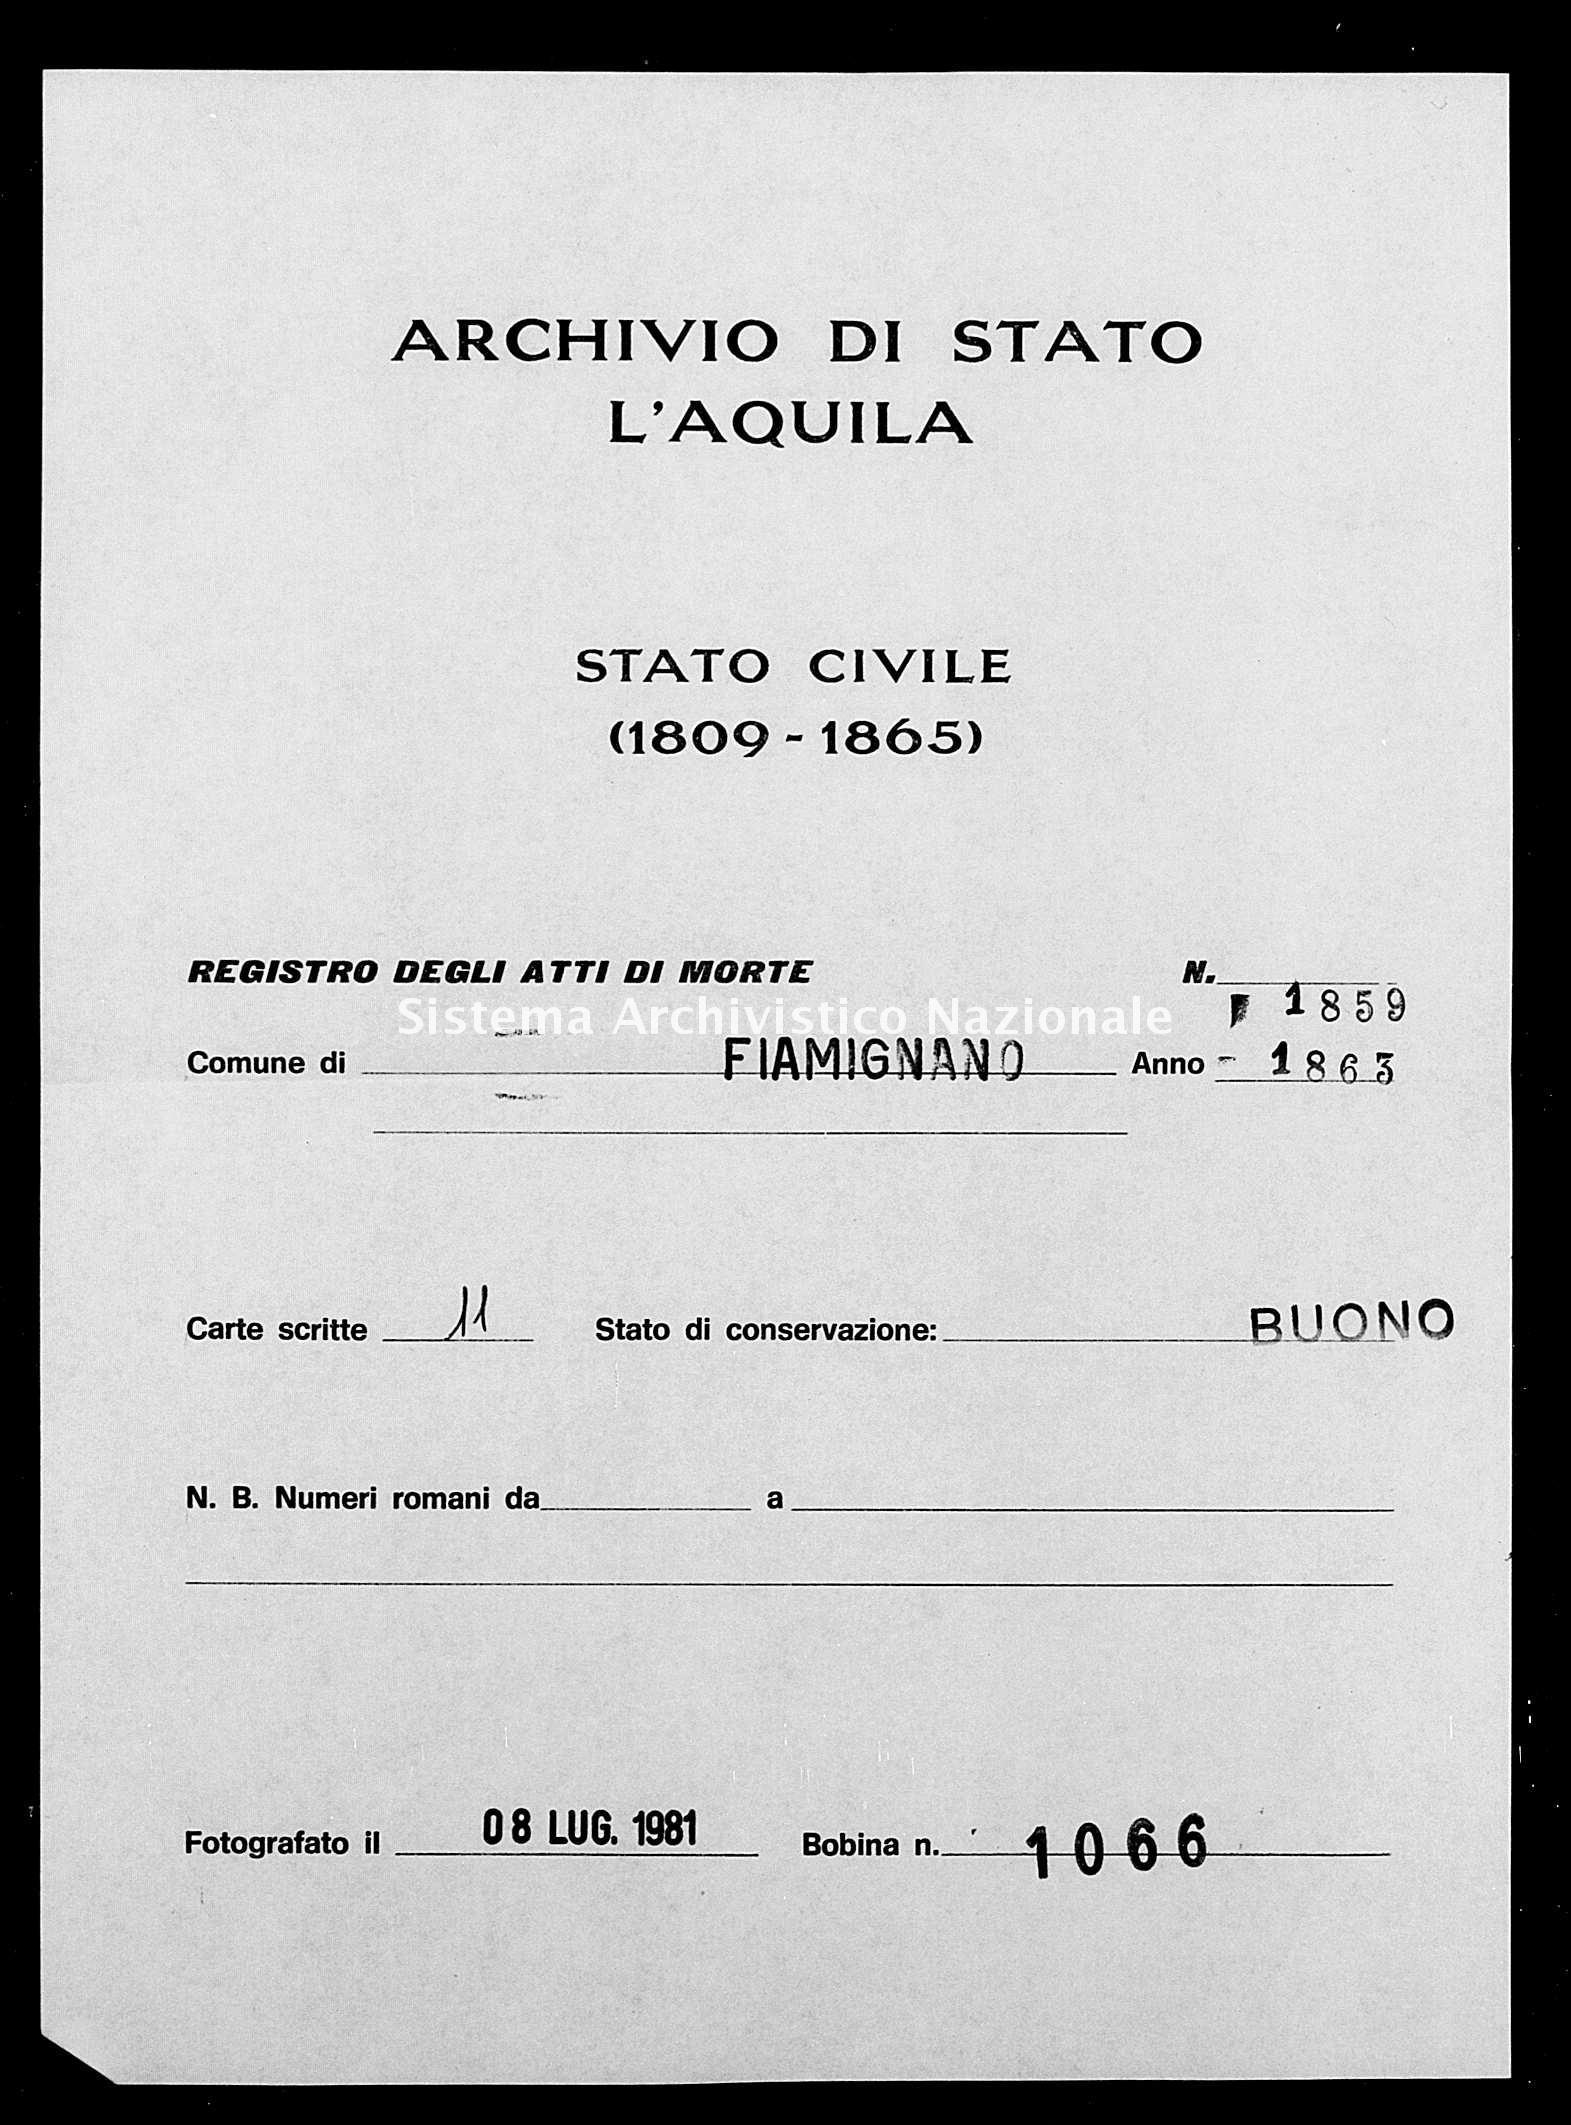 Archivio di stato di L'aquila - Stato civile italiano - Fiamignano - Morti - 1863 - 1859 -